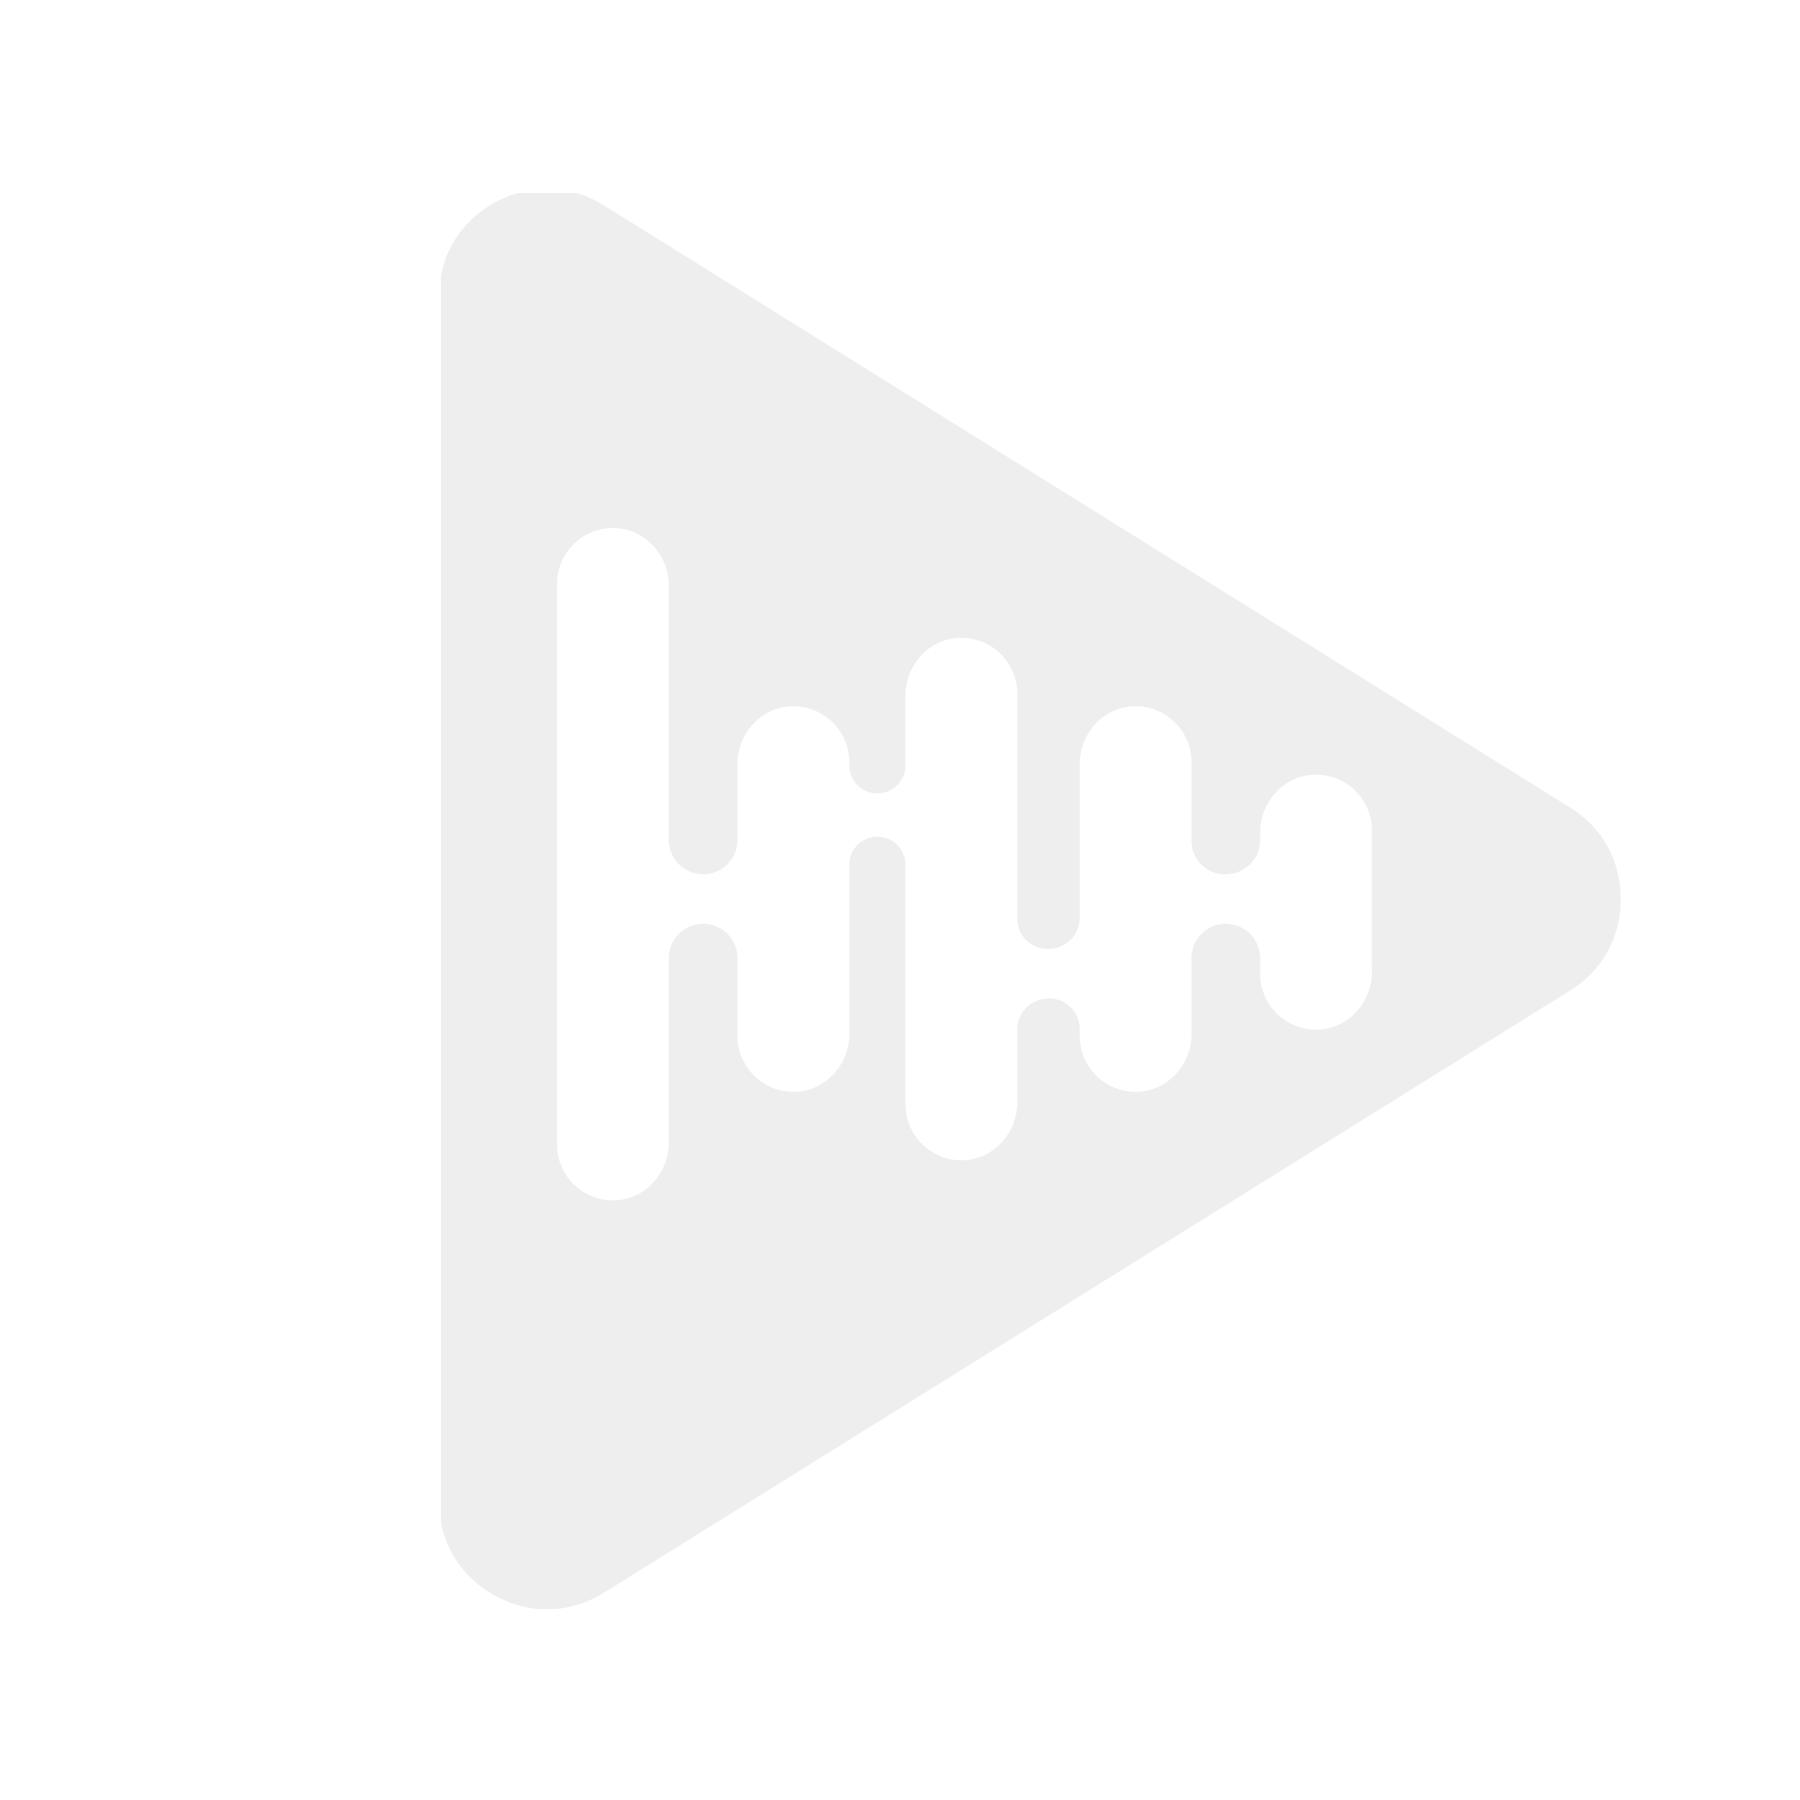 Klipsch 1011974-RF83